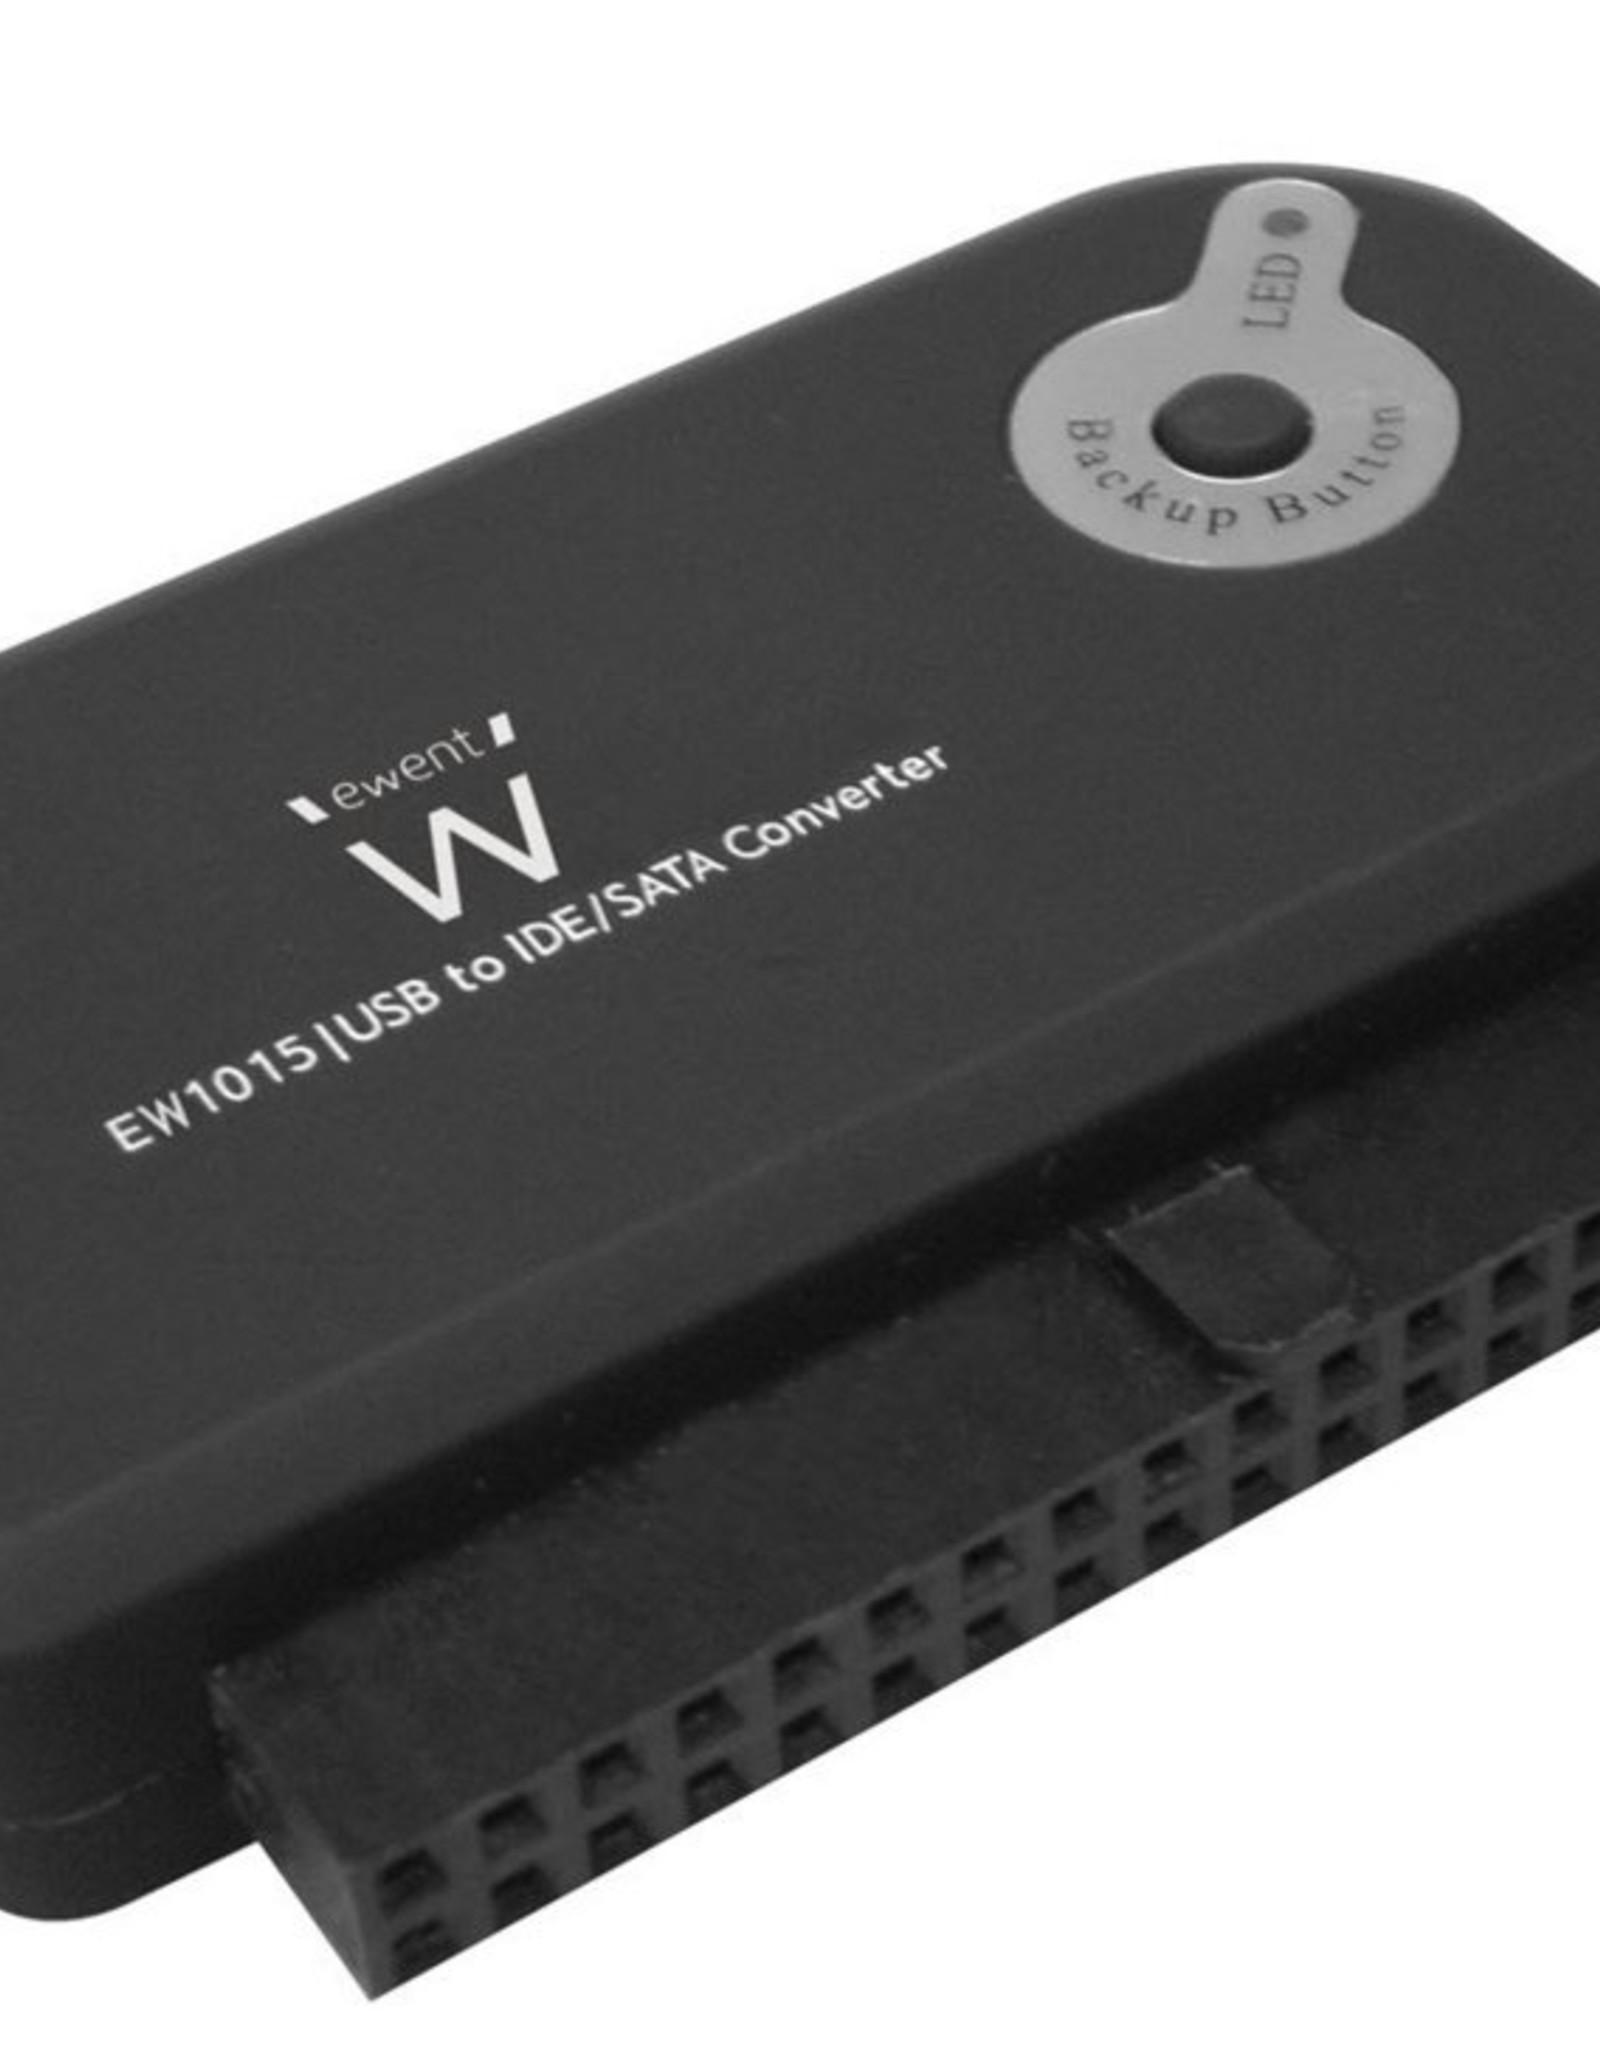 USB 3.0 to ATA + SATA adapter